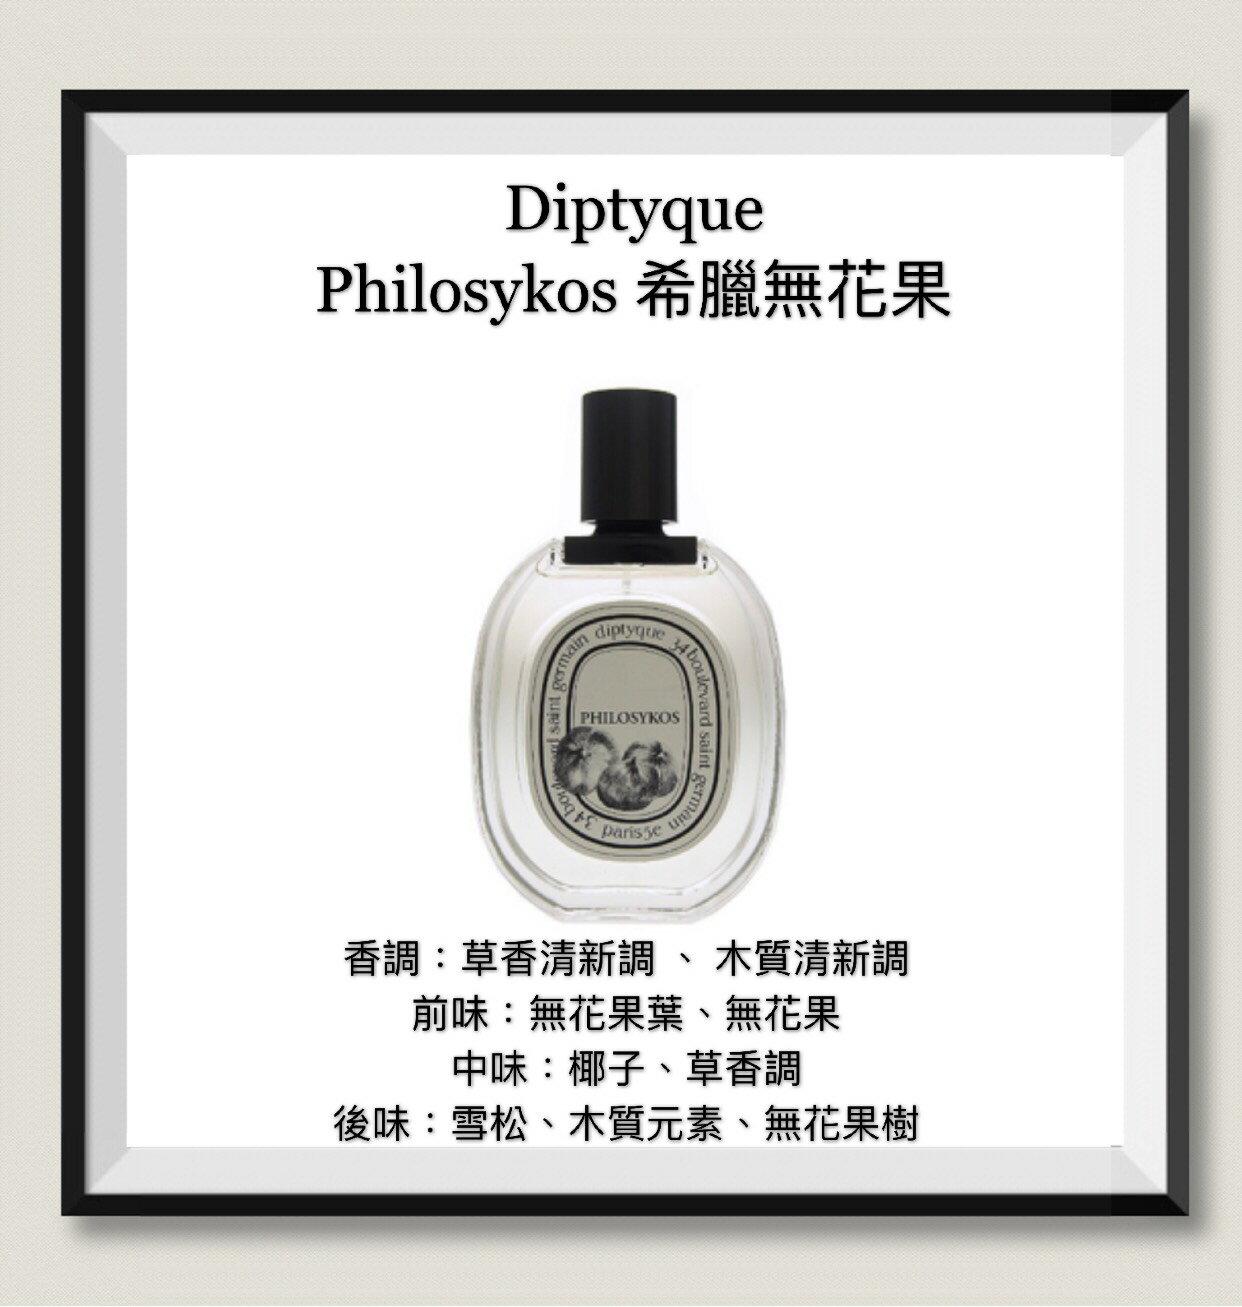 【香舍】Diptyque Philosykos 希臘無花果 中性淡香水 50ML/100ML